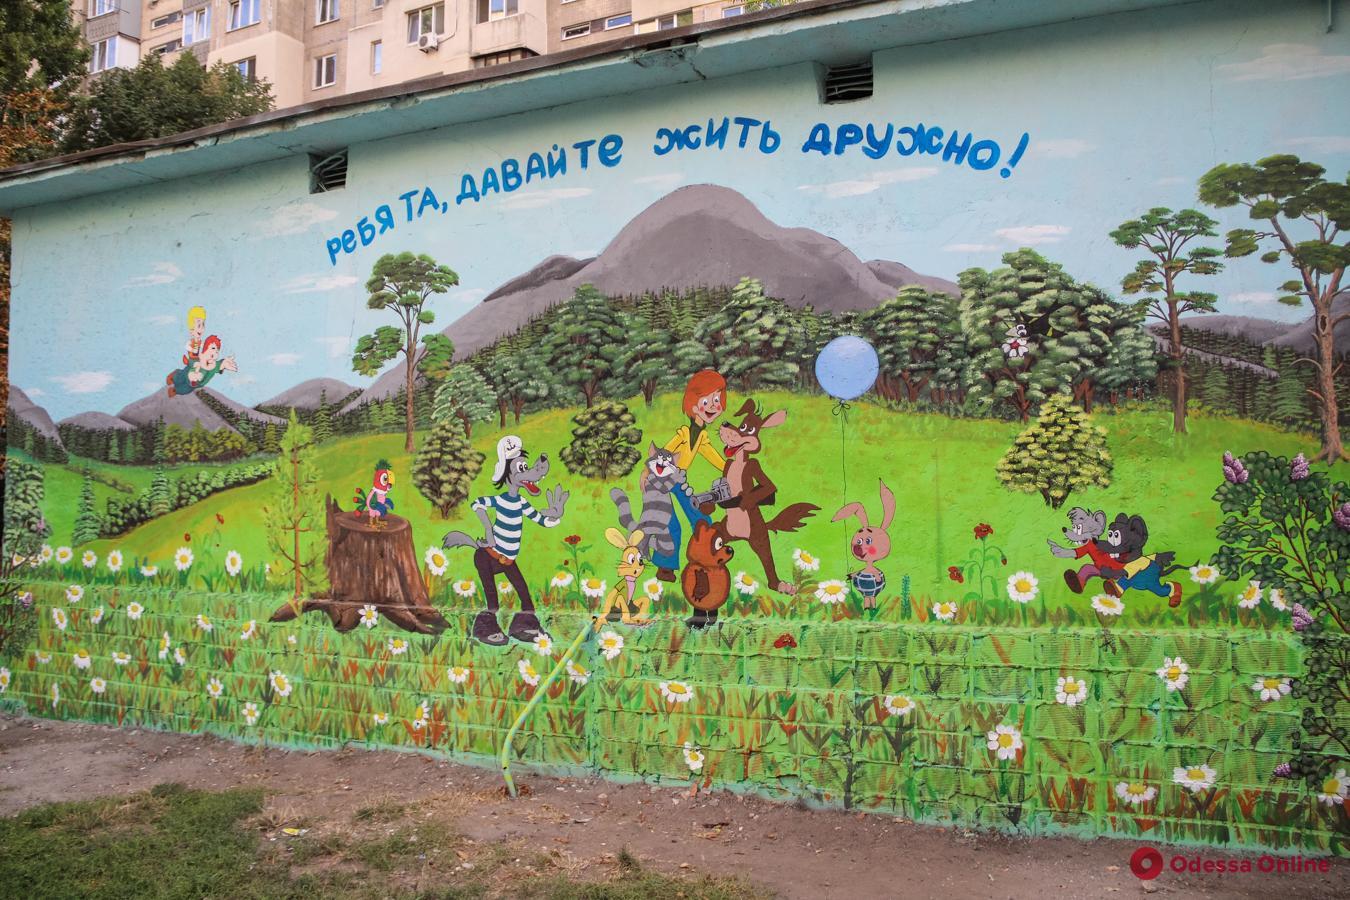 Зеленая лужайка и герои мультфильмов: в Одессе открыли новый мурал